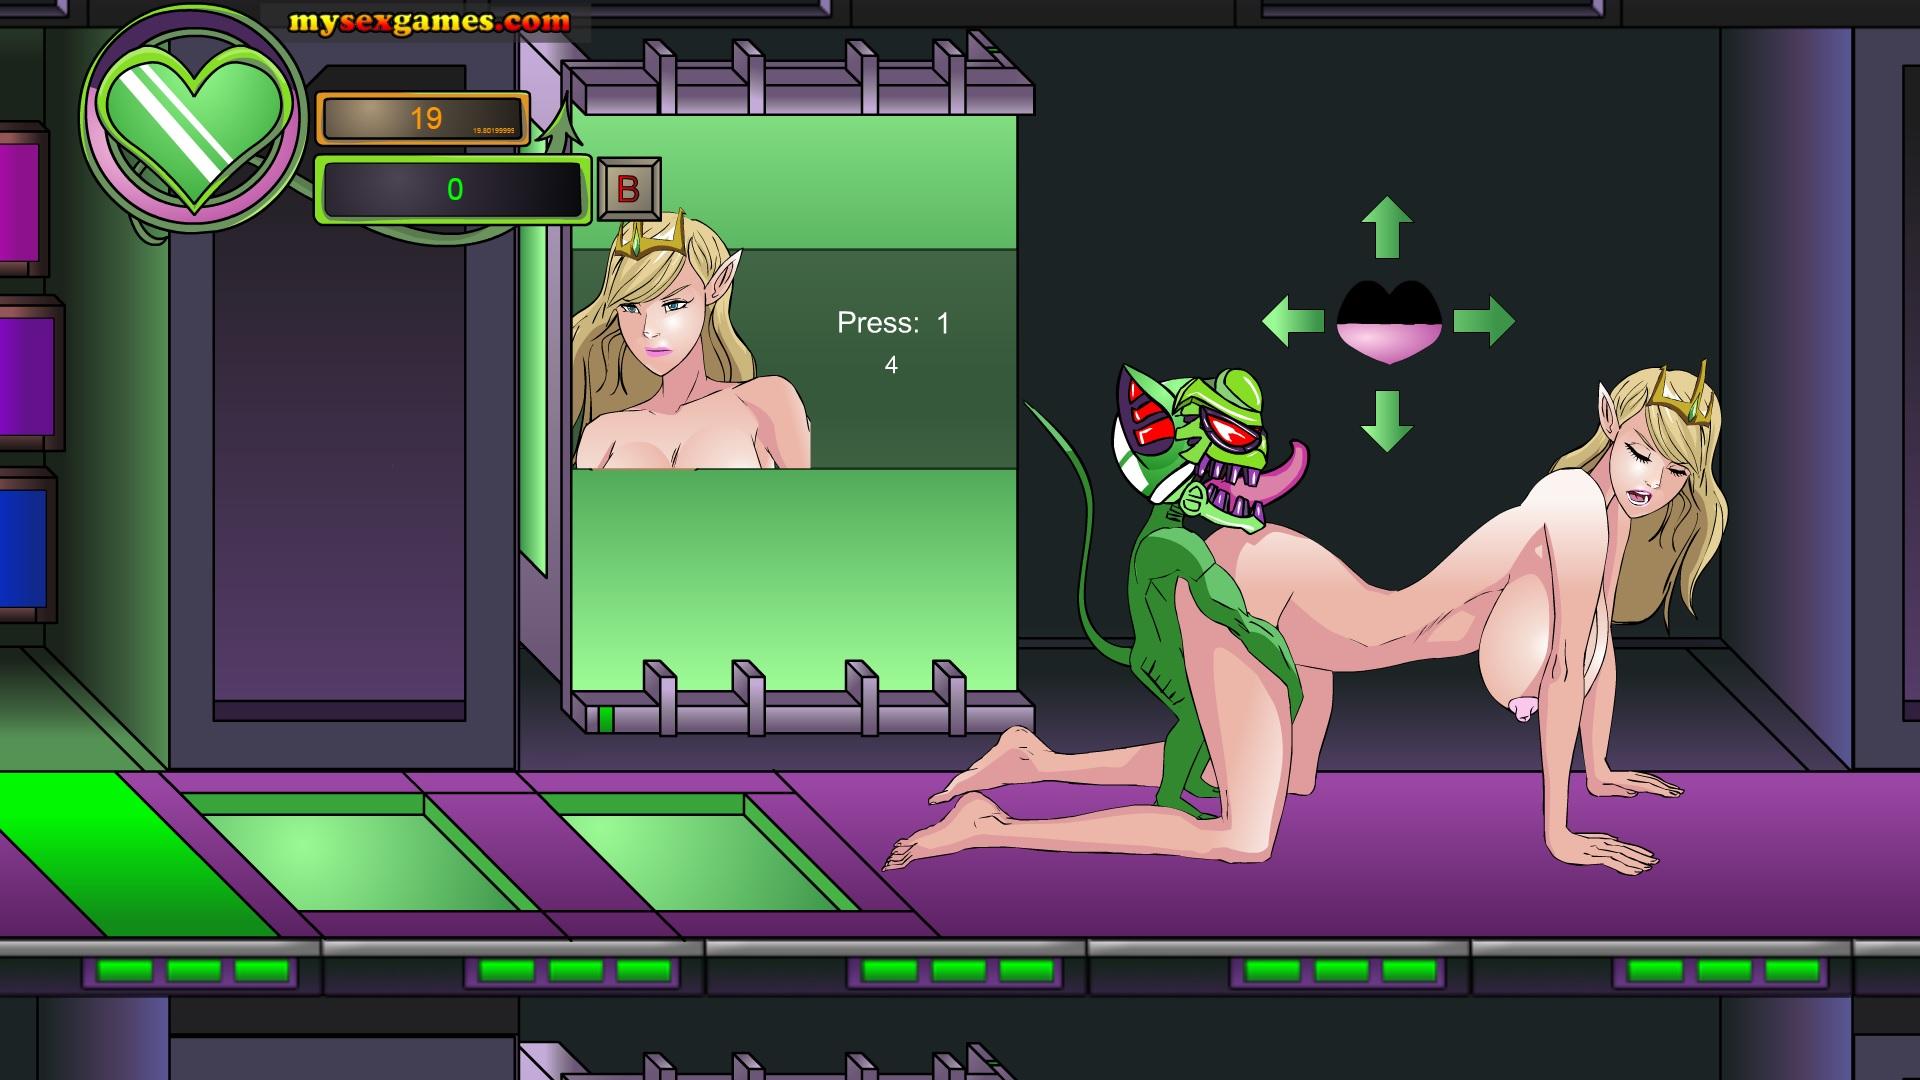 Смотреть прохождение порно-игры, бешеная ебля телки с двумя хуями